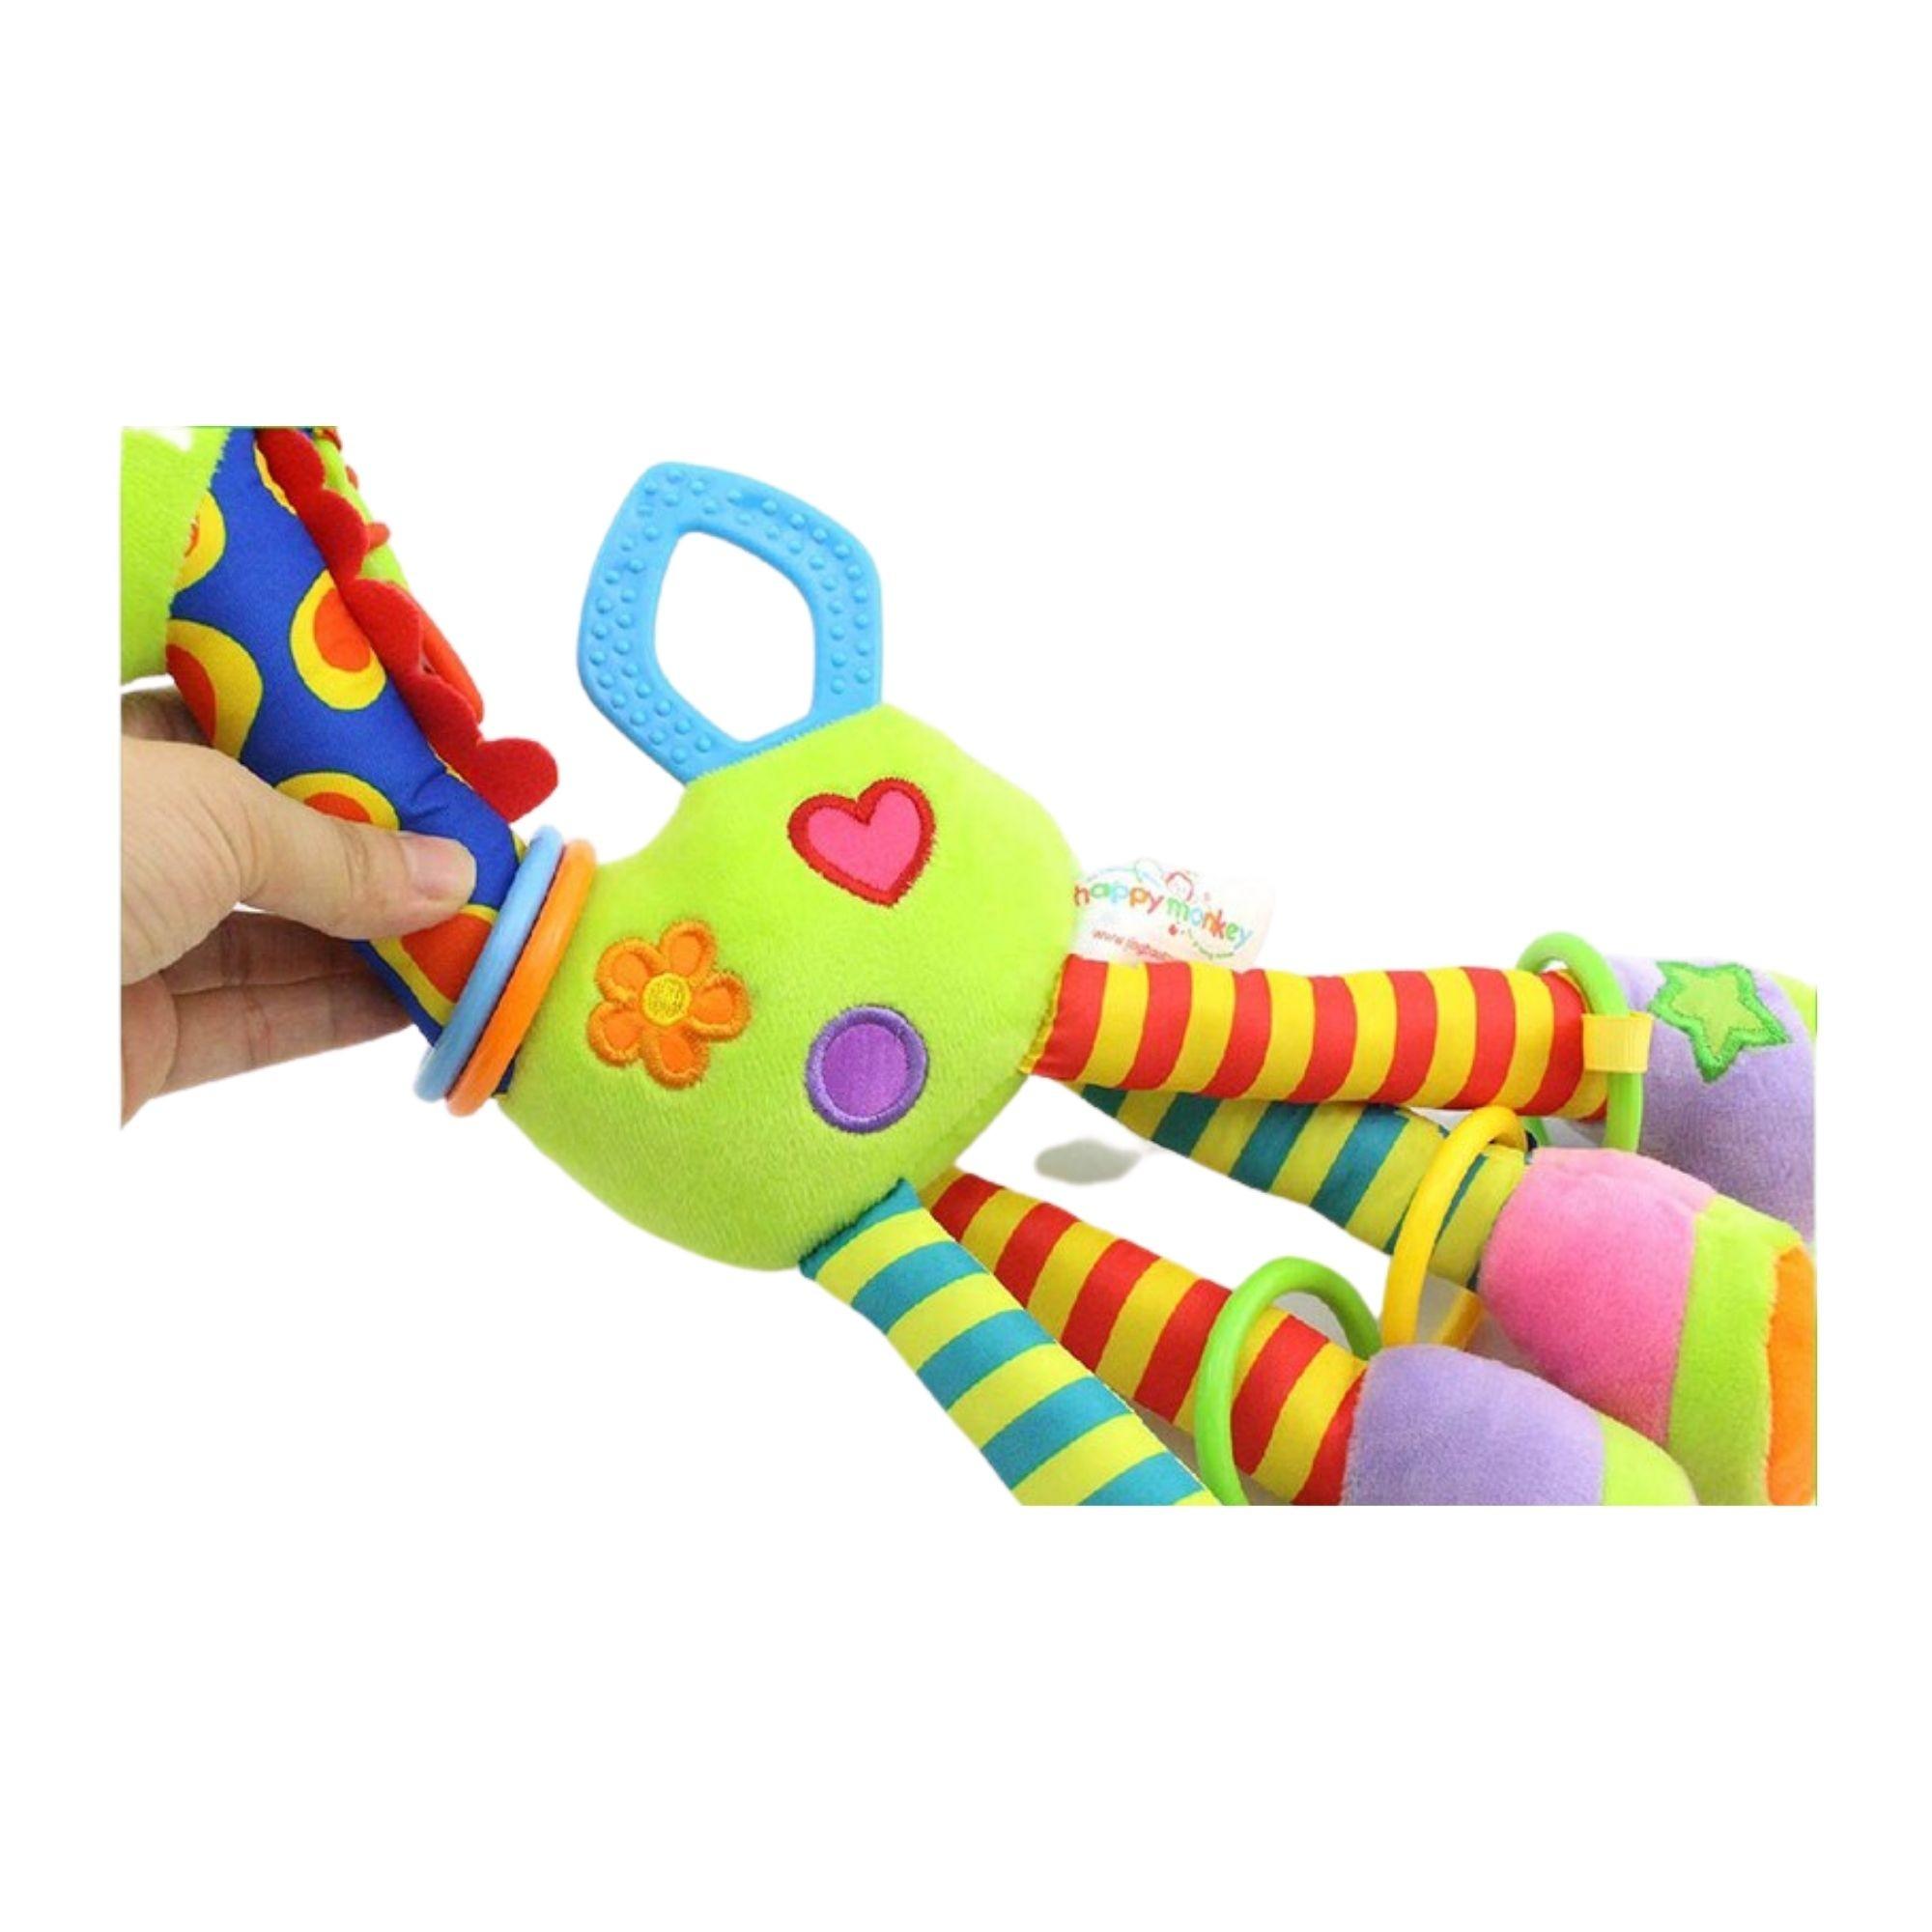 Girafa Mordedor de Pelucia Móbile Brinquedo para bebê  - Game Land Brinquedos